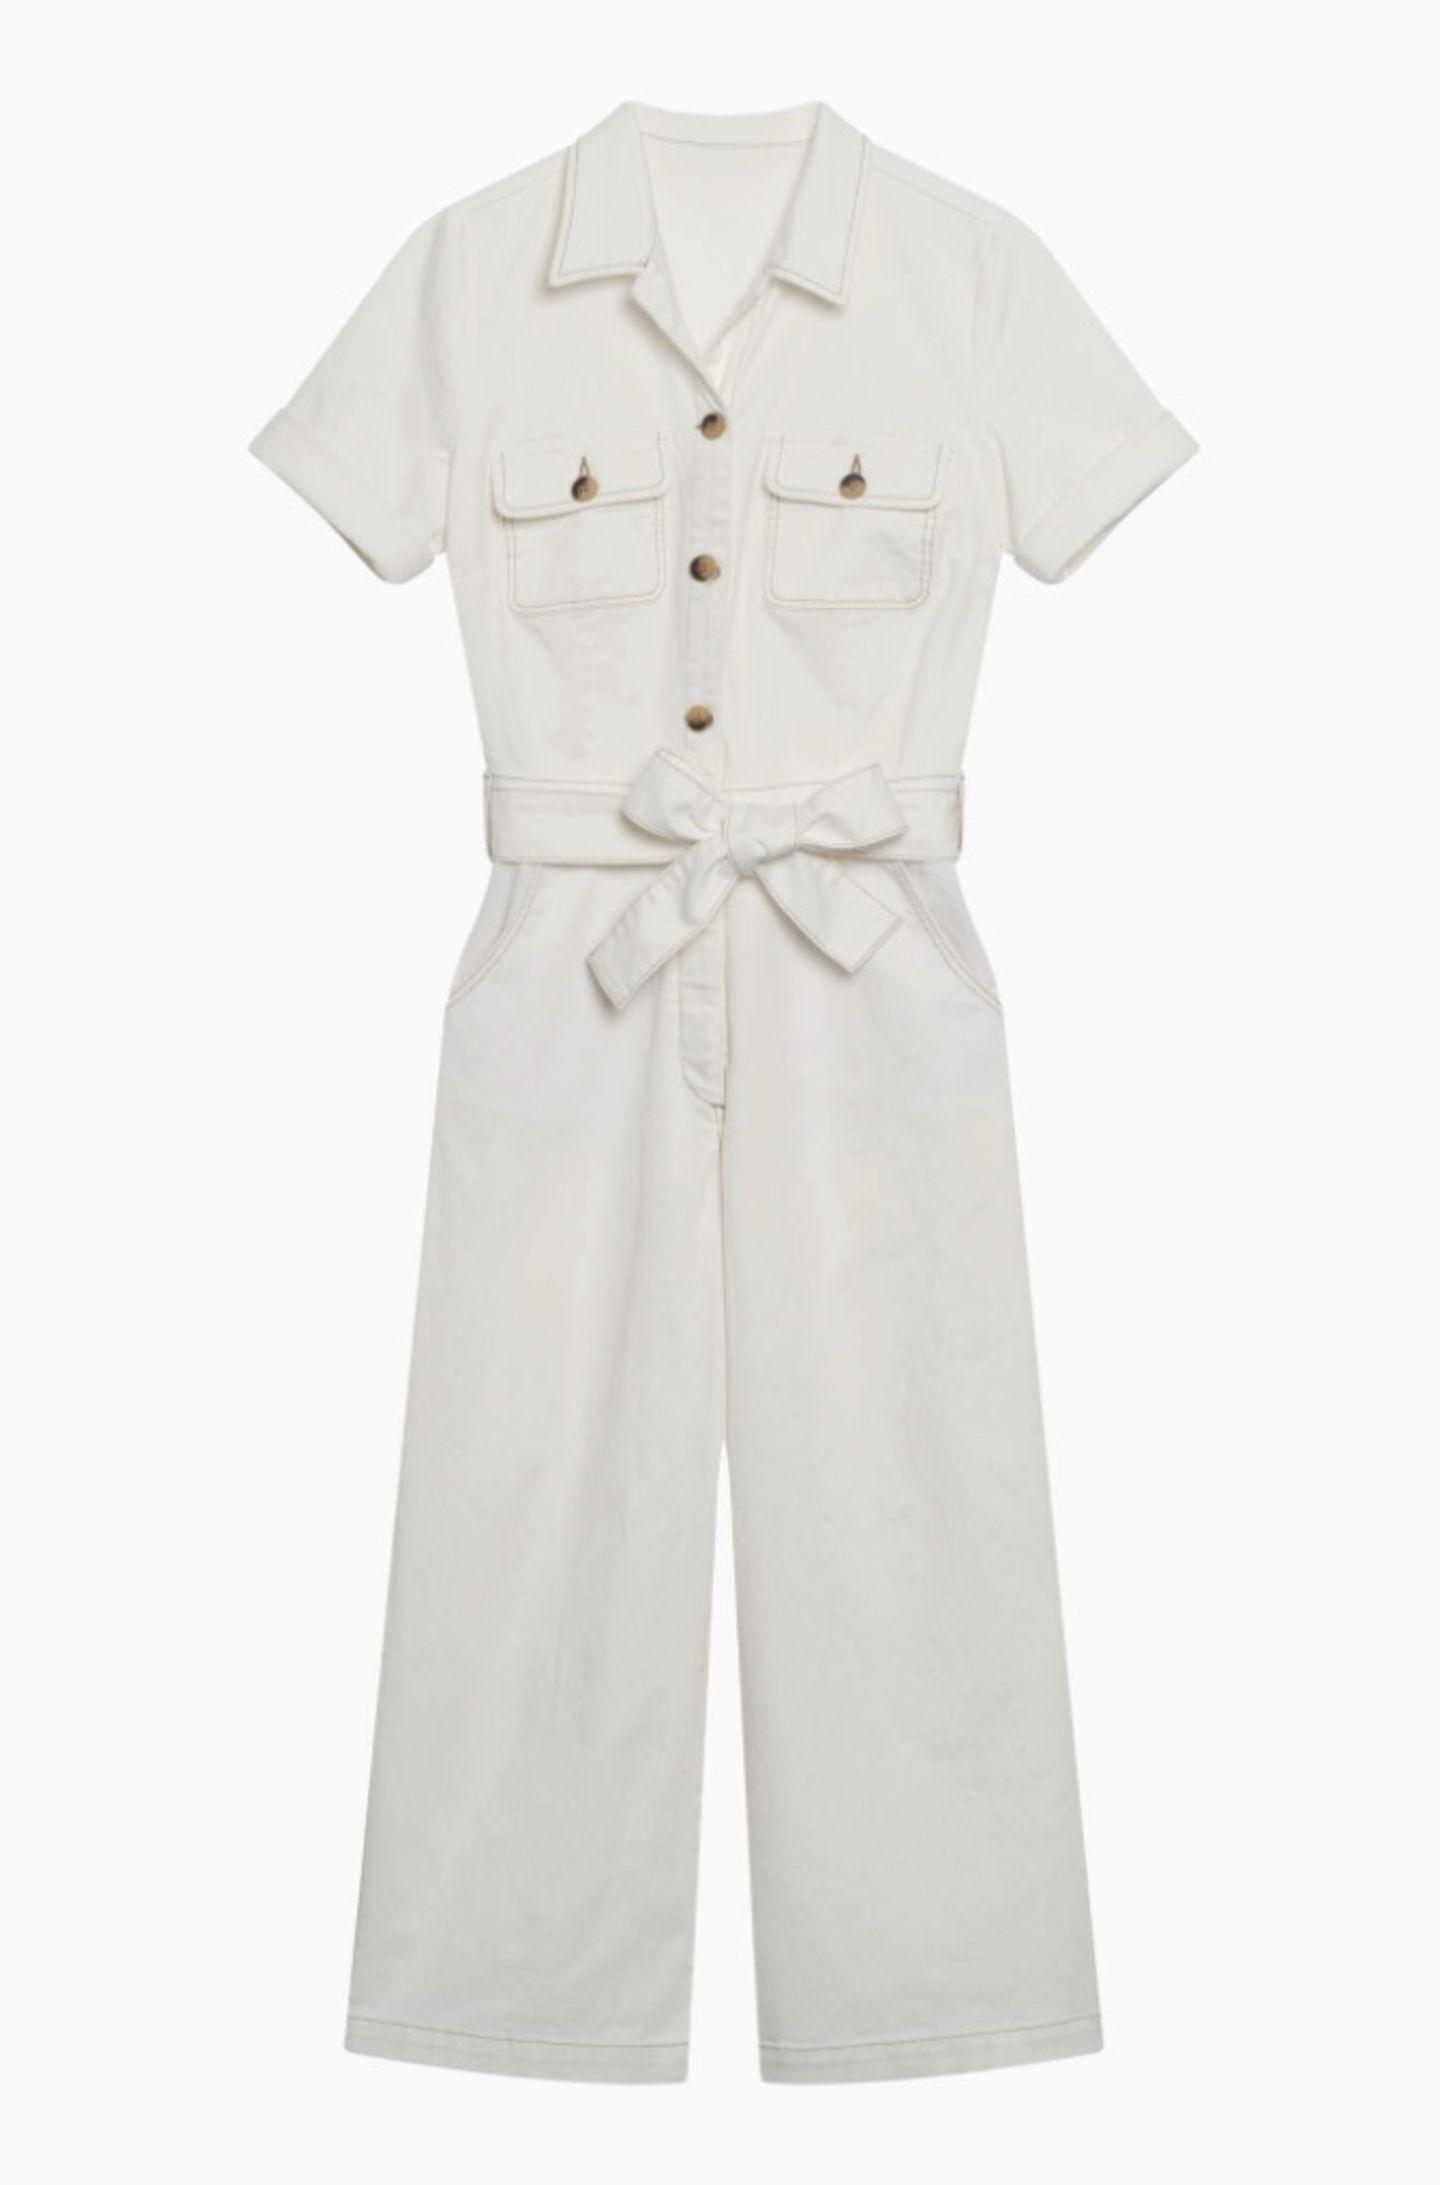 Ach ja, wenn es mal schnell gehen muss, greife ich ab sofort zu diesem Jeans-Jumpsuit in Weiß. Die Taschen auf der Brust und die auffälligen Knöpfe geben dem It-Piece einen tollen Twist, der Gürtel zaubert eine vorteilhafte Silhouette. Von Orsay, kostet ca. 50 Euro.